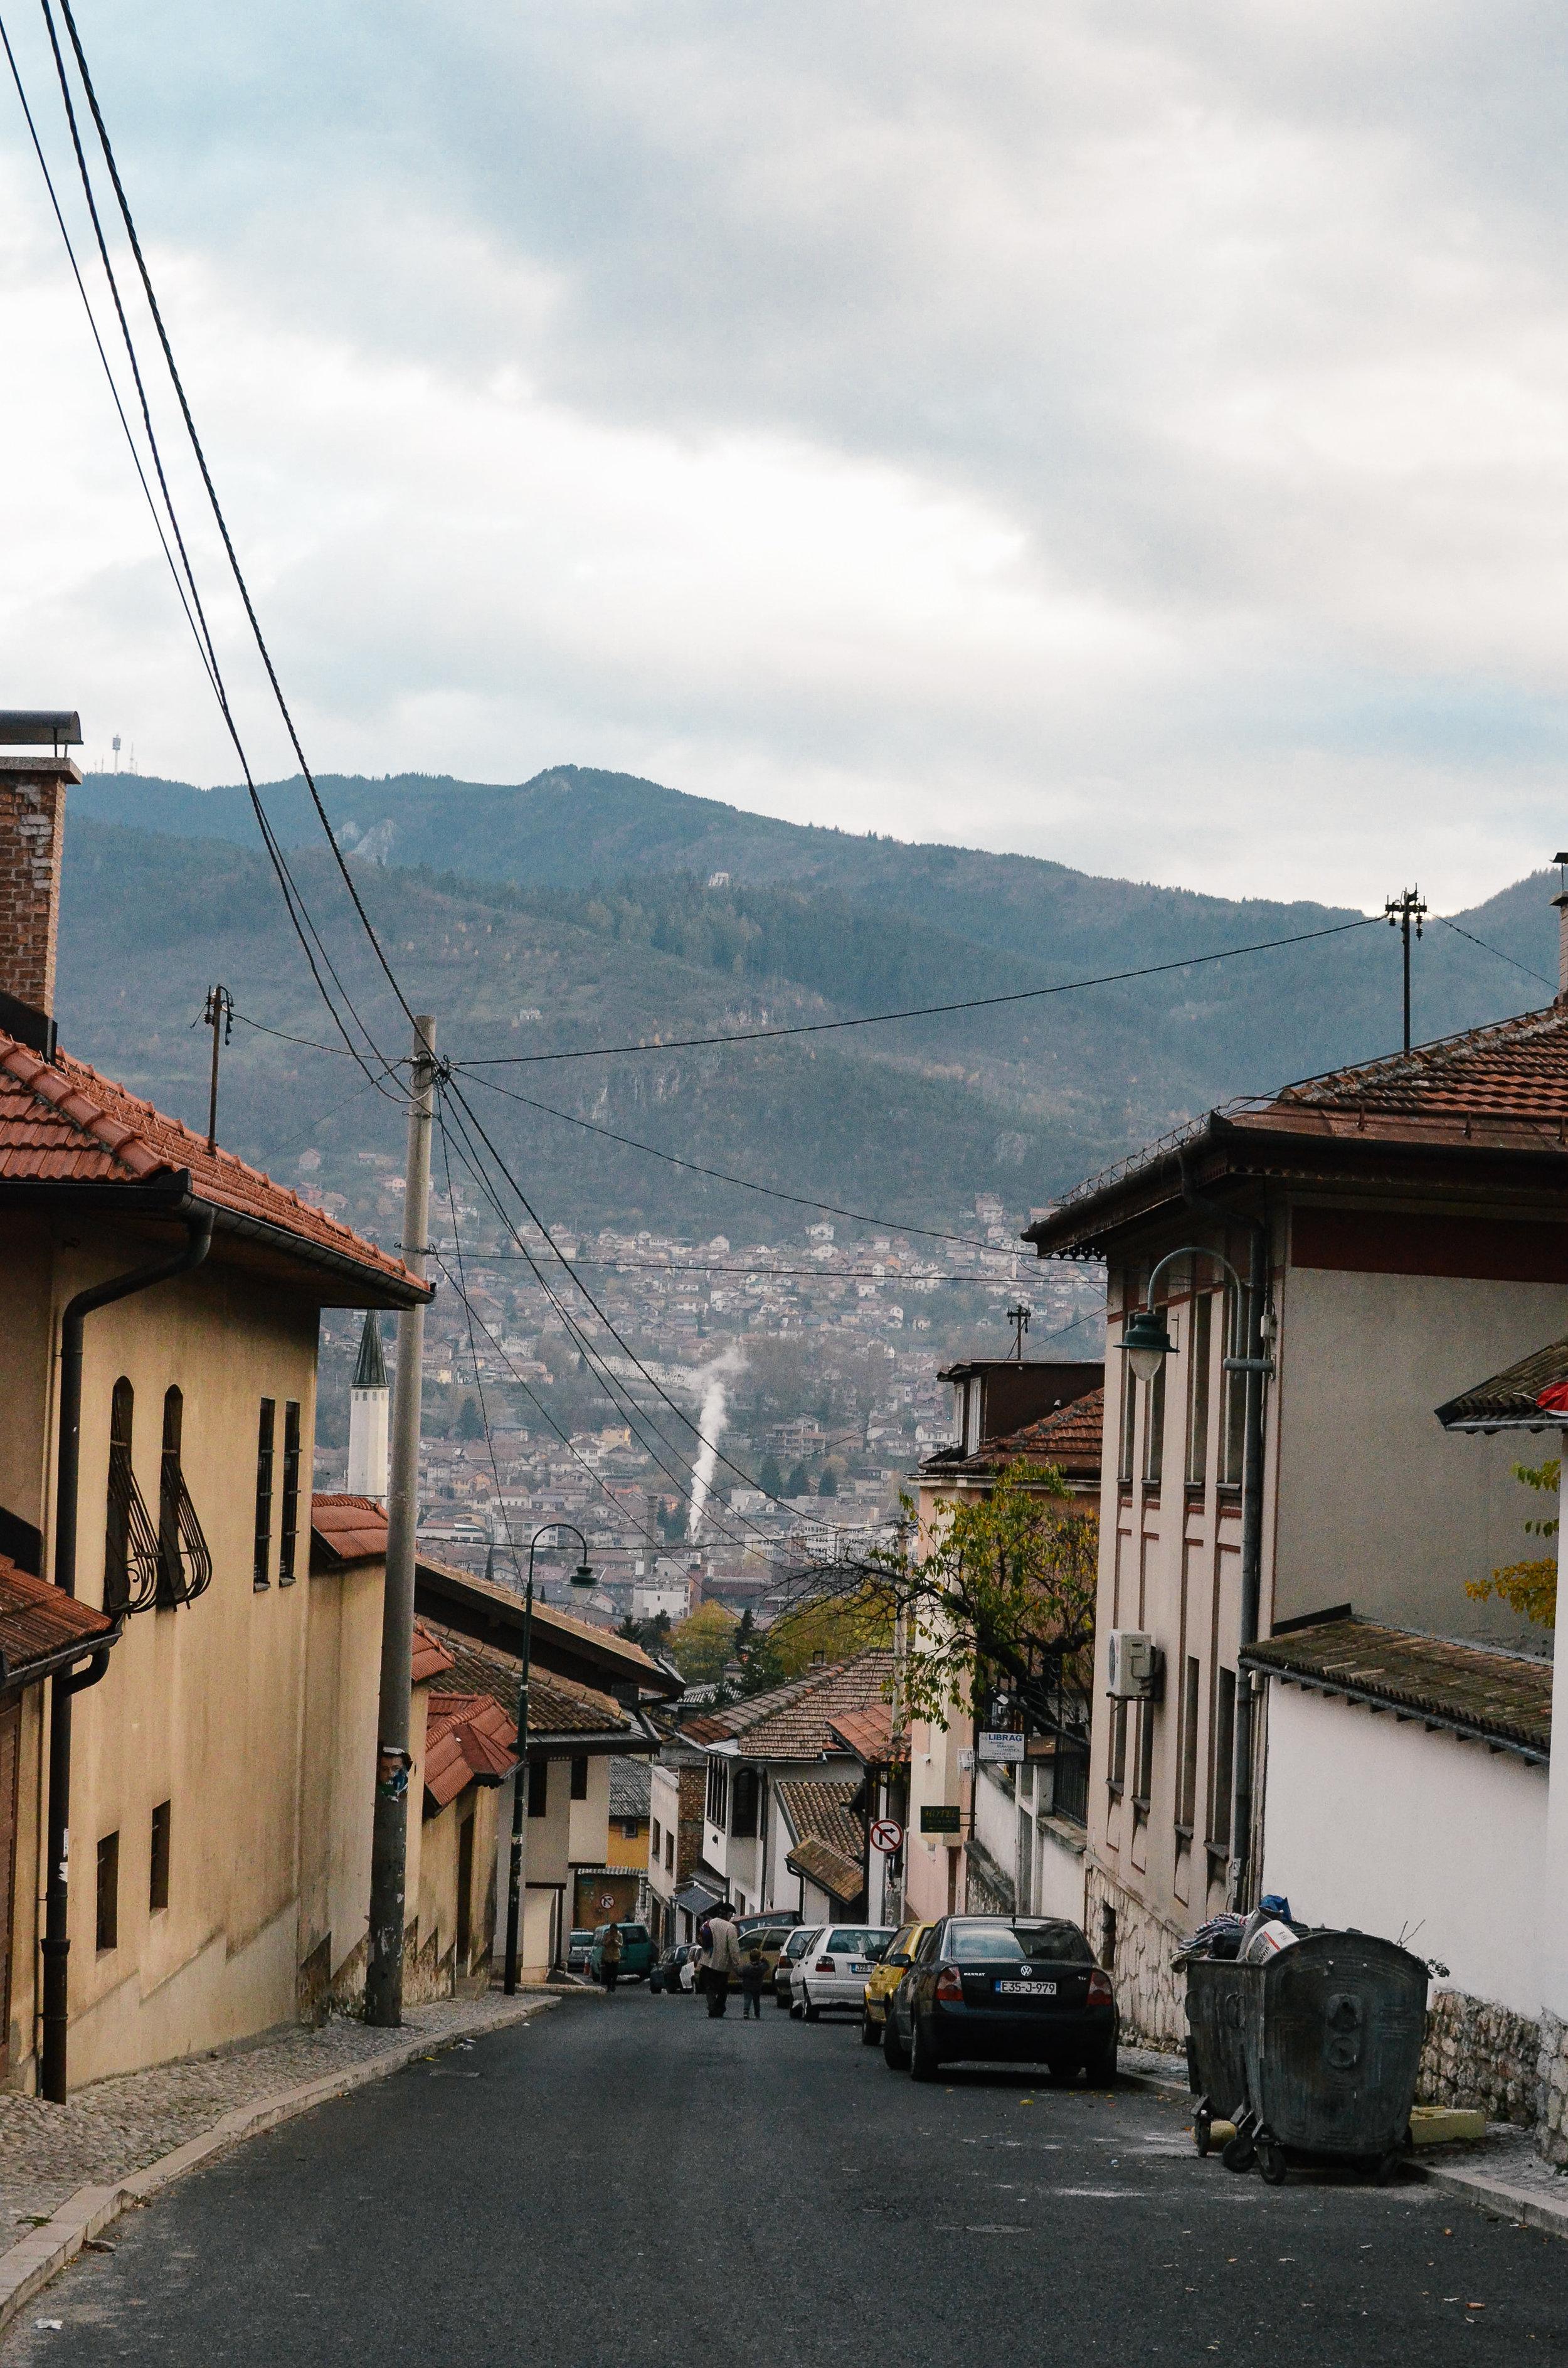 bosnia-travel-sarajevo-guide-lifeonpine_DSC_2938.jpg